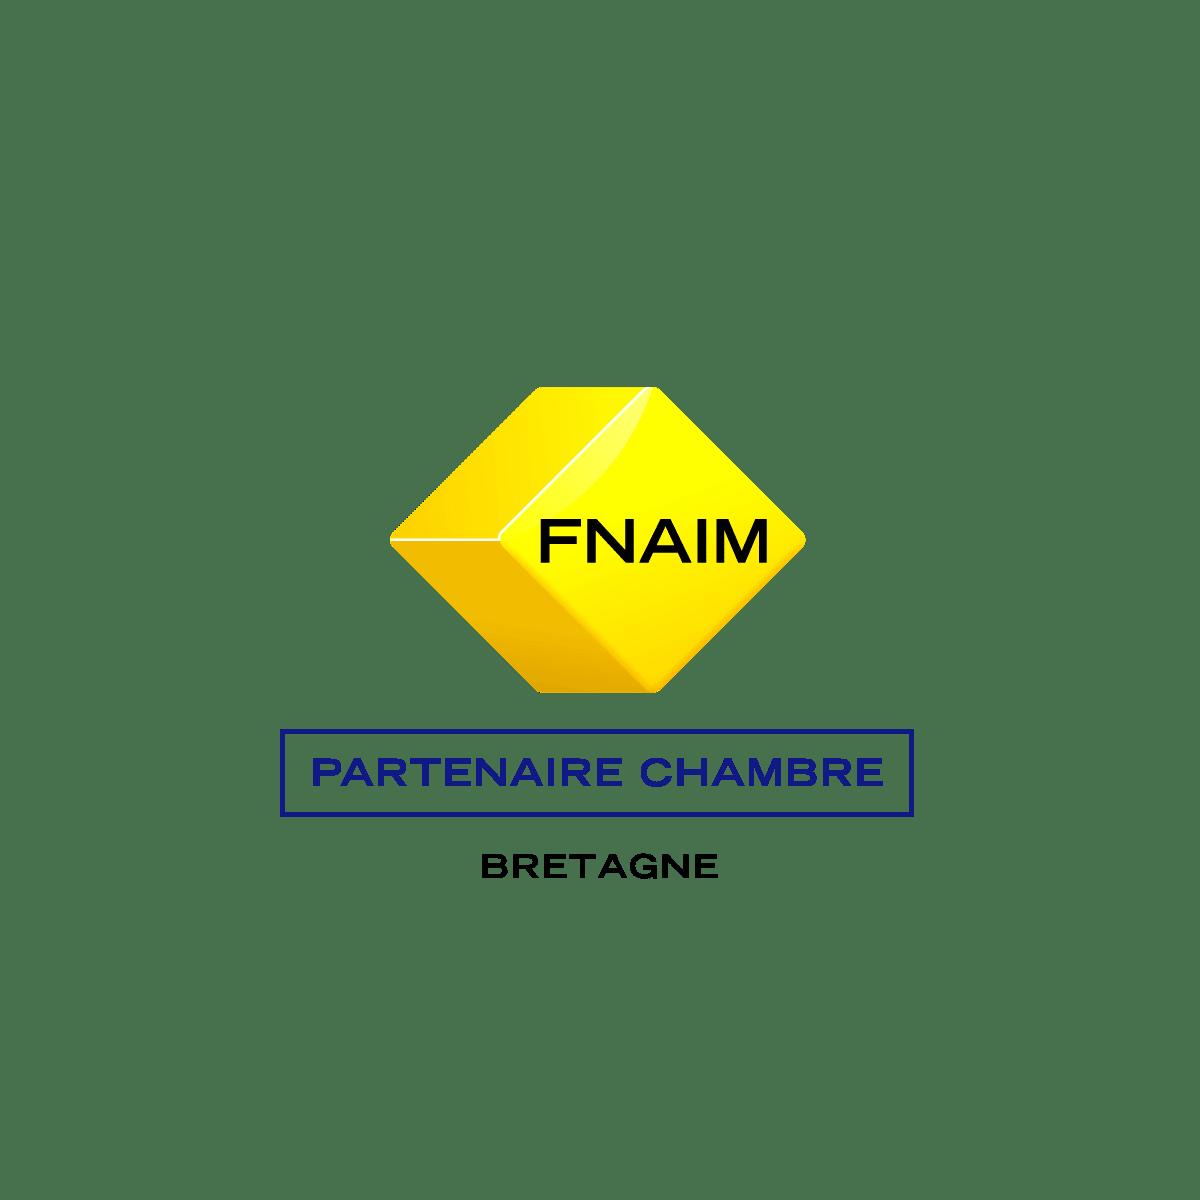 Partenaire-Chambre-Bretagne_DEF (002)